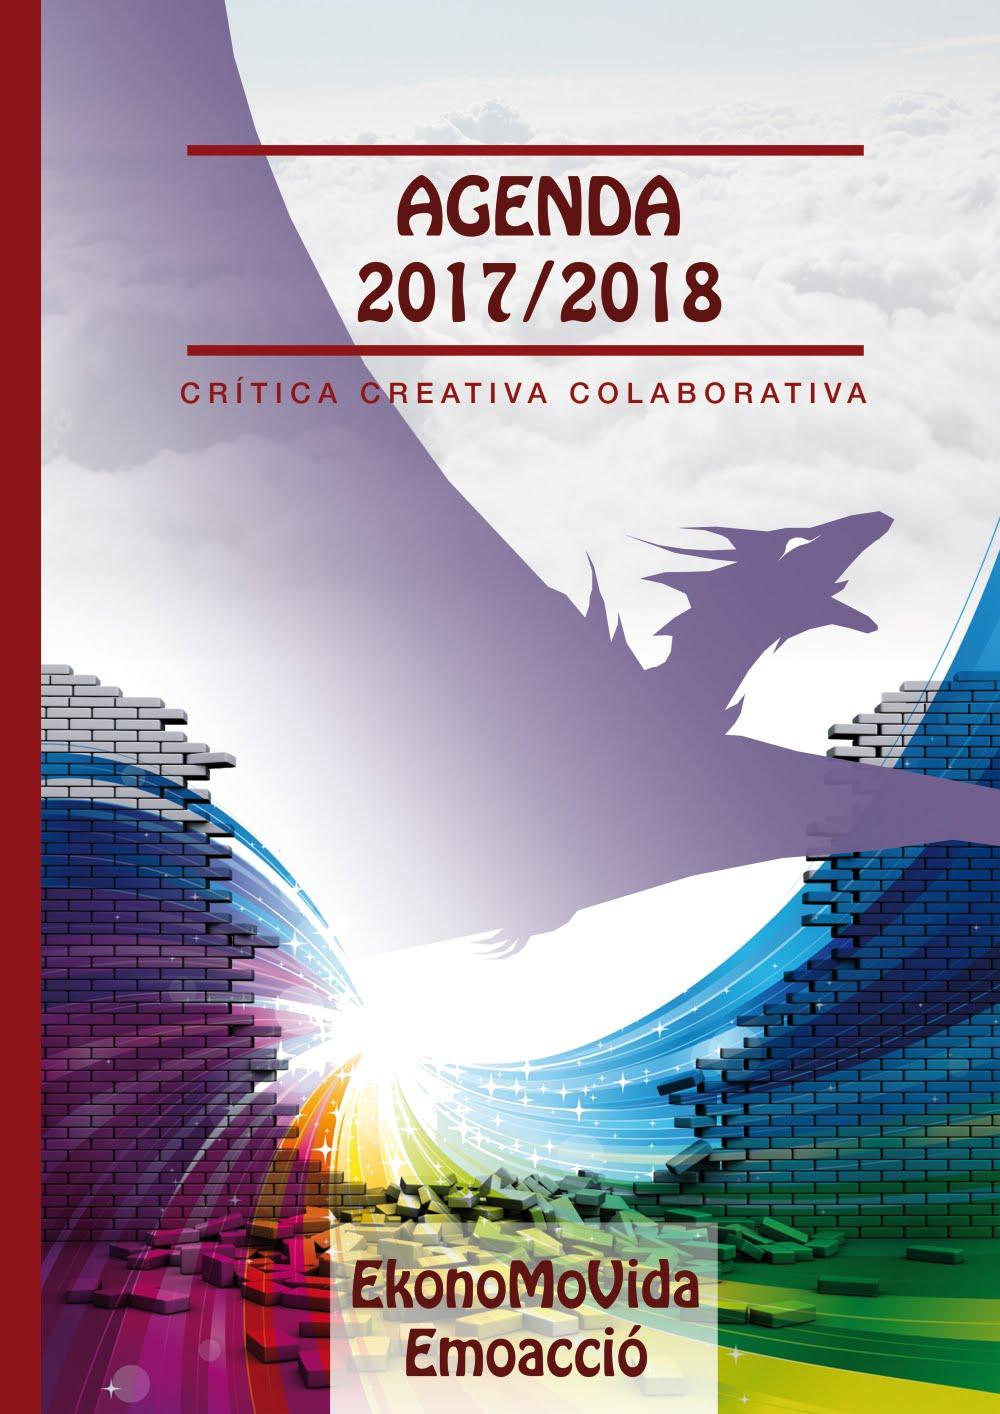 Agenda Emoacció 2017/2018